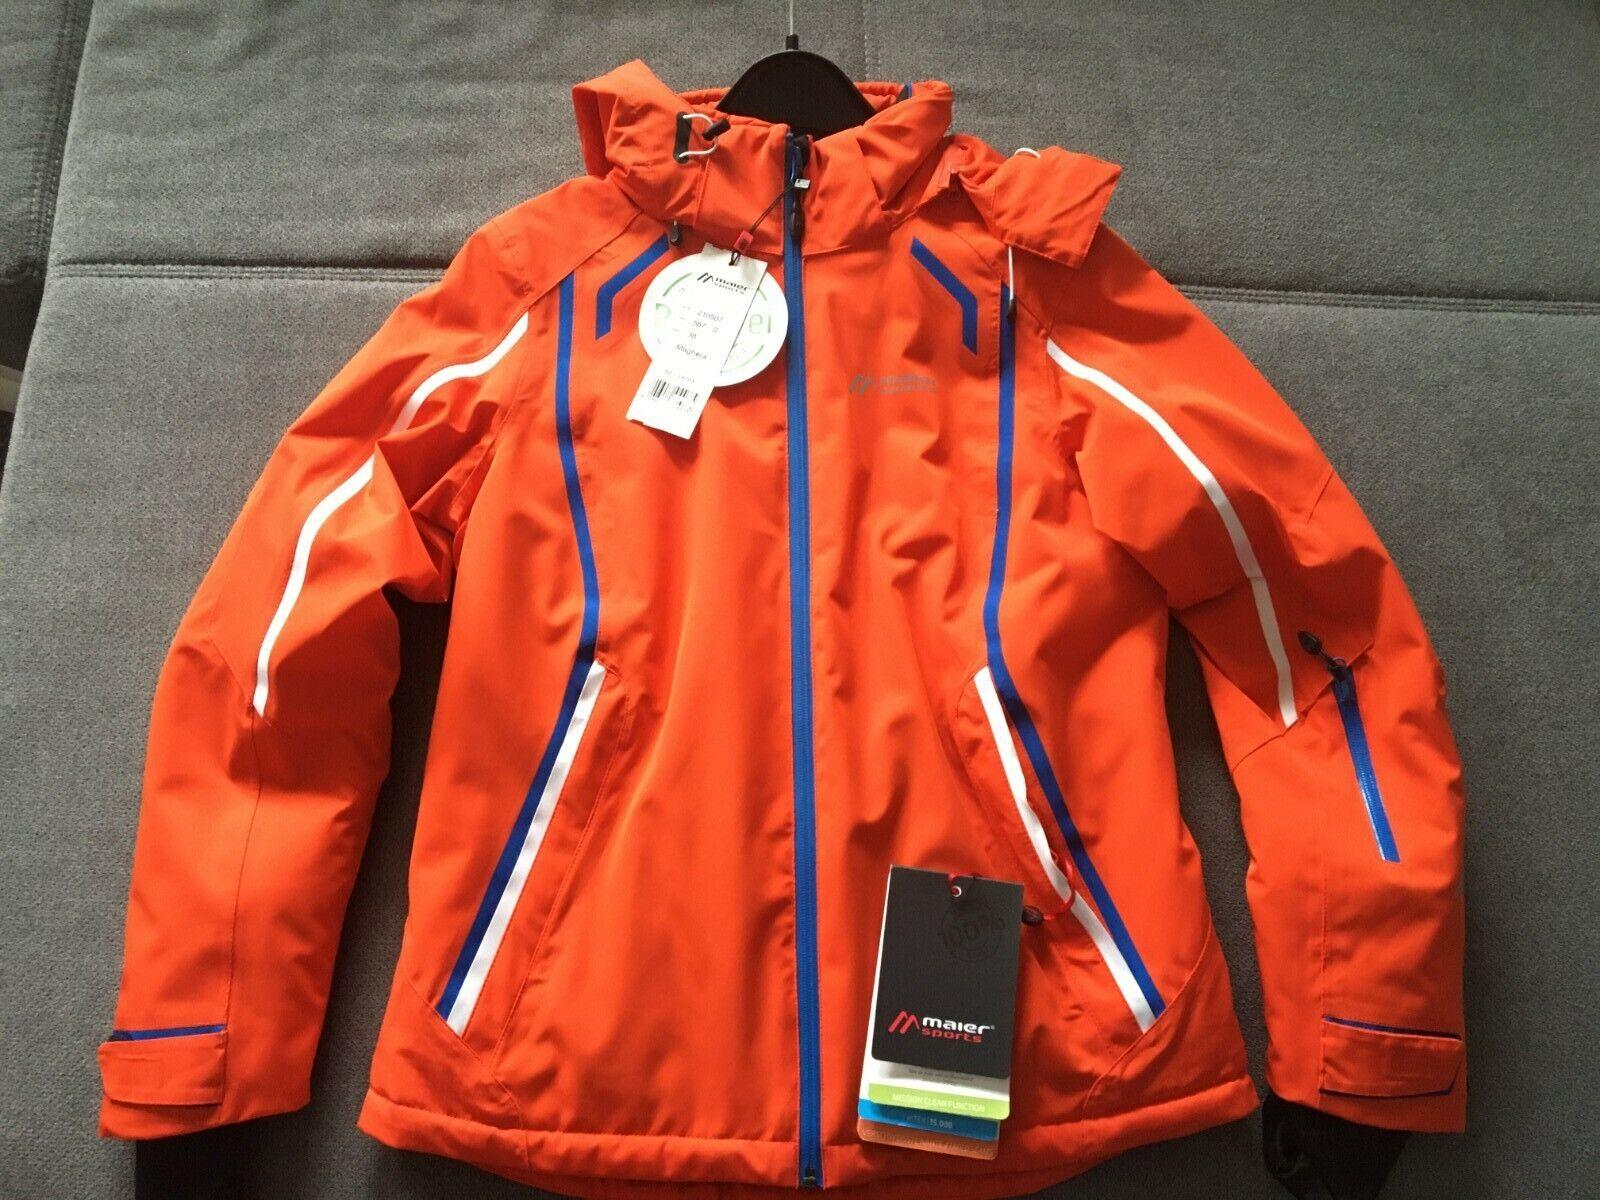 Maier Sports Damen Skijacke Orange Größe 36 S Neu VK 269,00 EUR